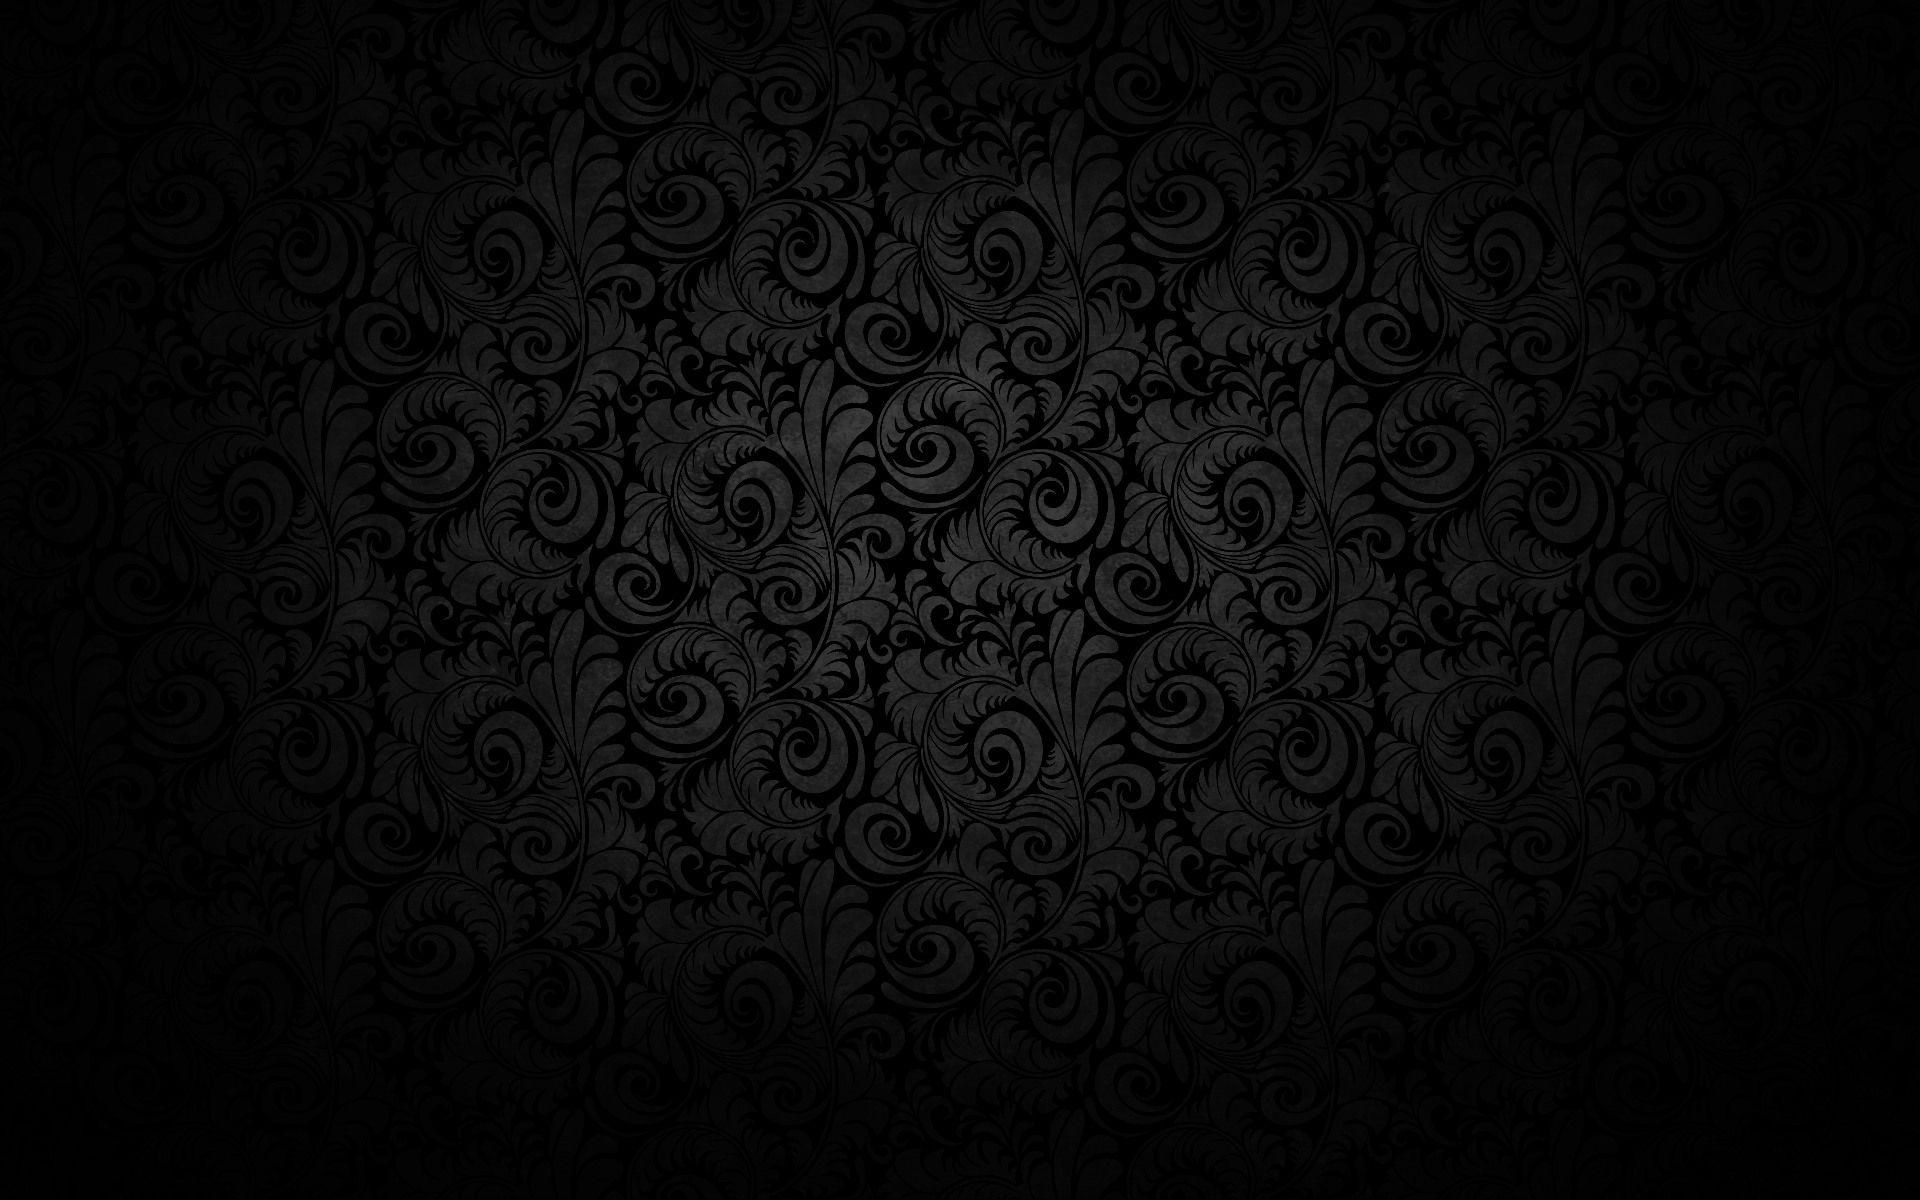 Dark Floral Random Dark Wallpaper Black Background